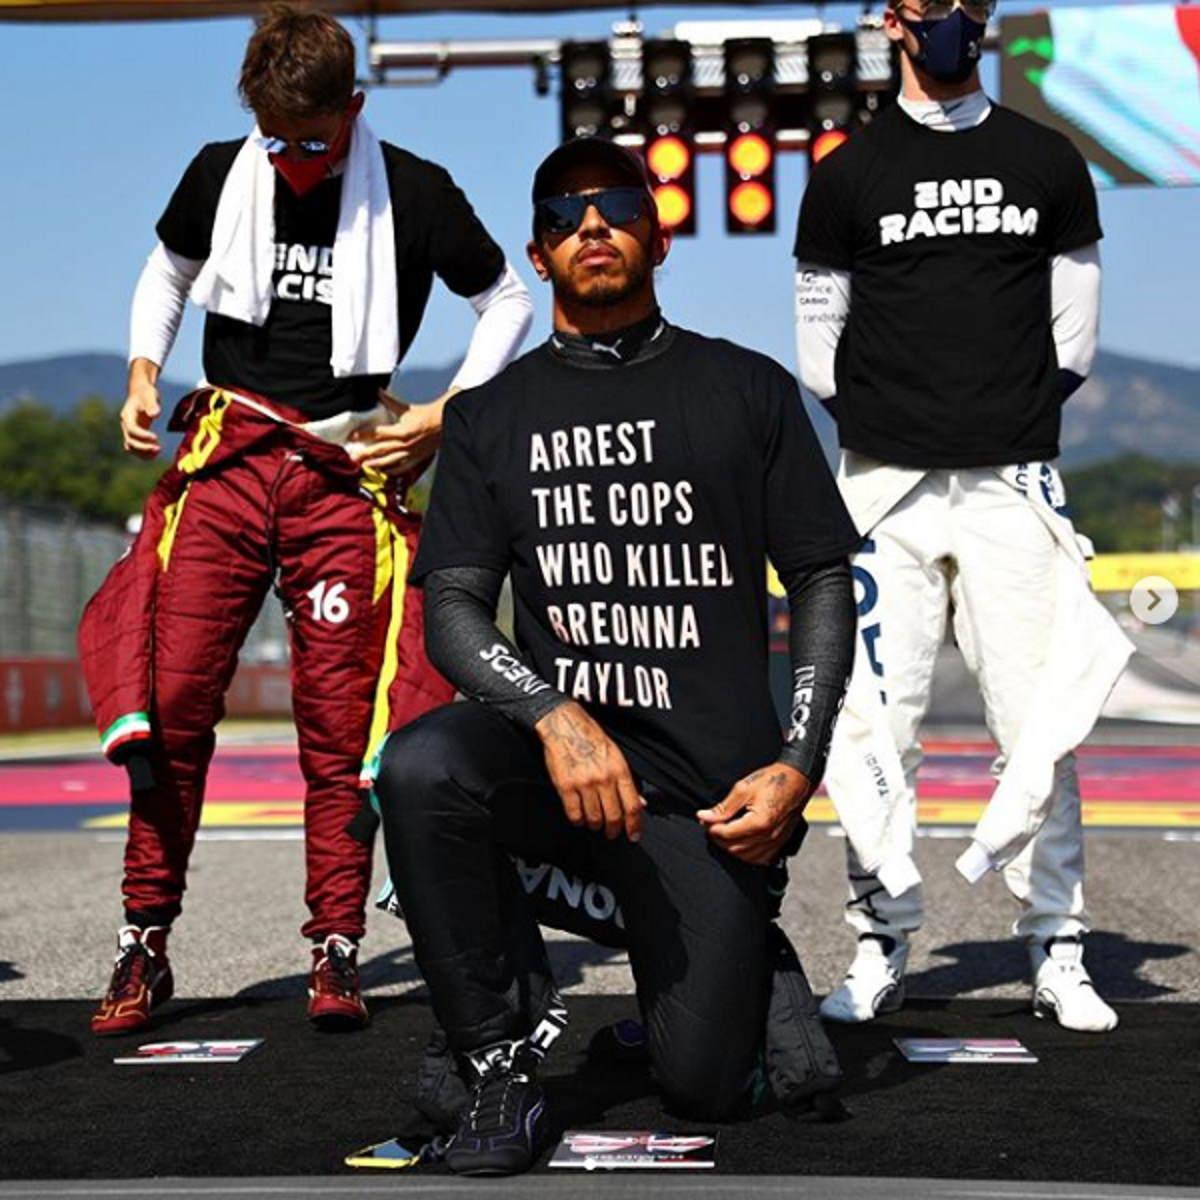 La FIA storce il naso sulla sua maglietta ma Hamilton continuerà come prima la sua battaglia contro il razzismo